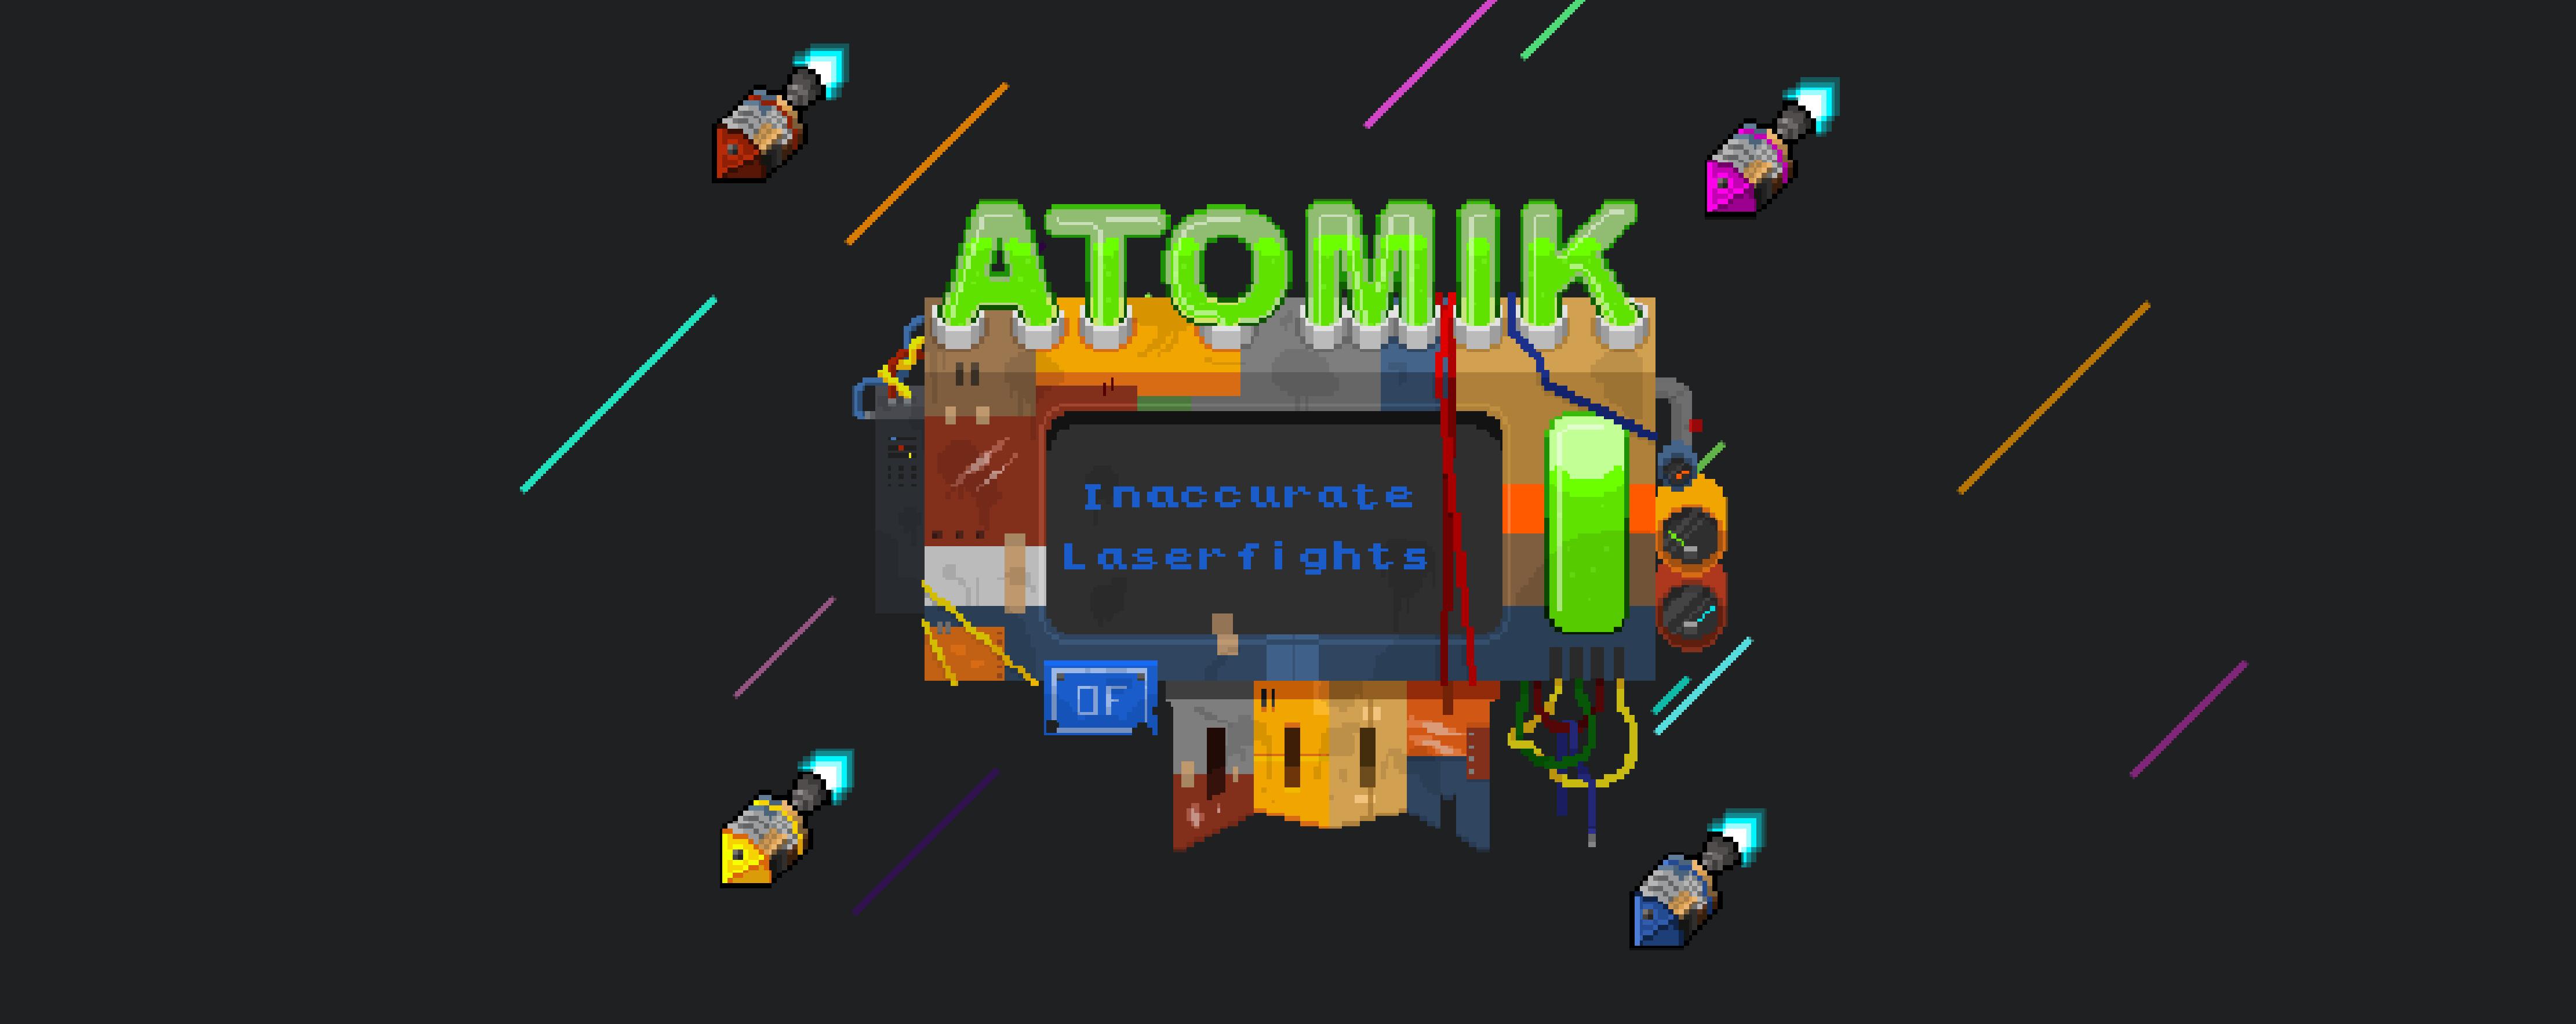 Atomik Innacurate Laserfights of Doom